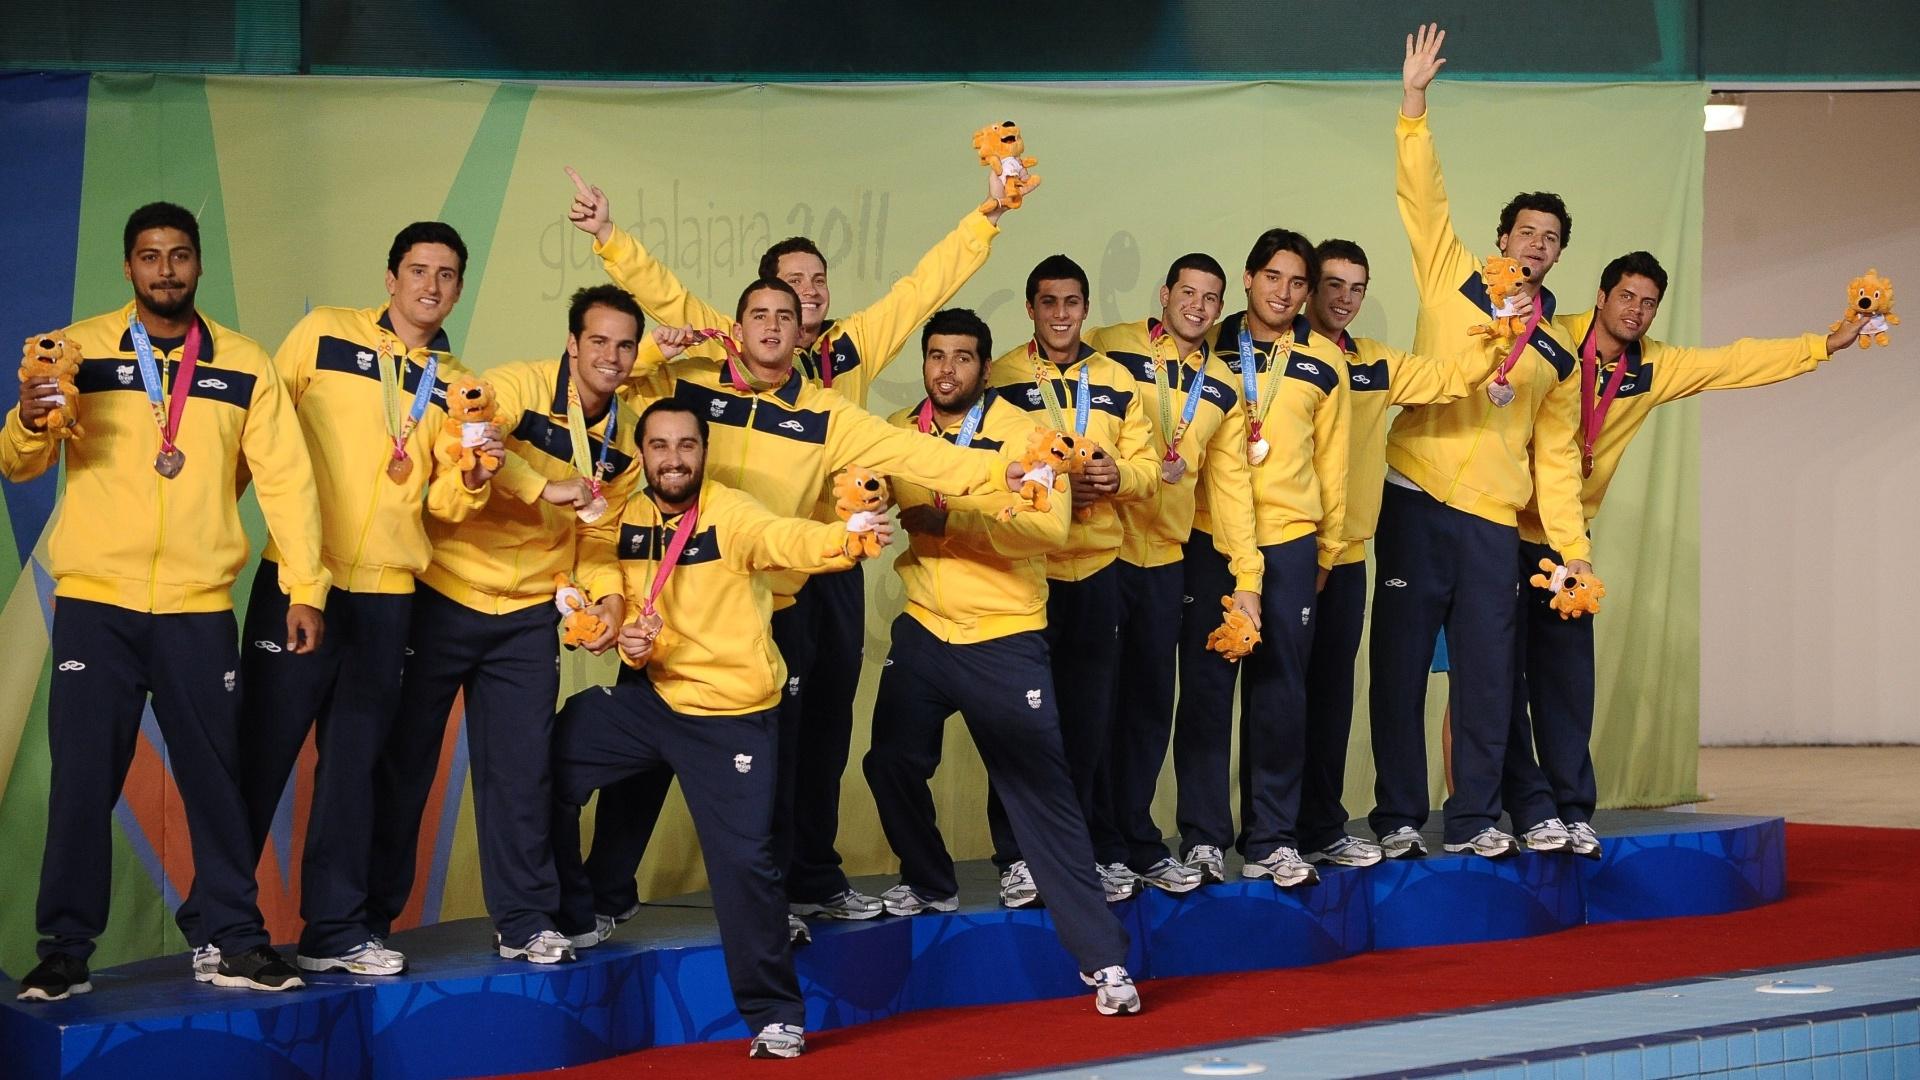 Atletas do polo aquático comemoram a conquista do bronze em Guadalajara